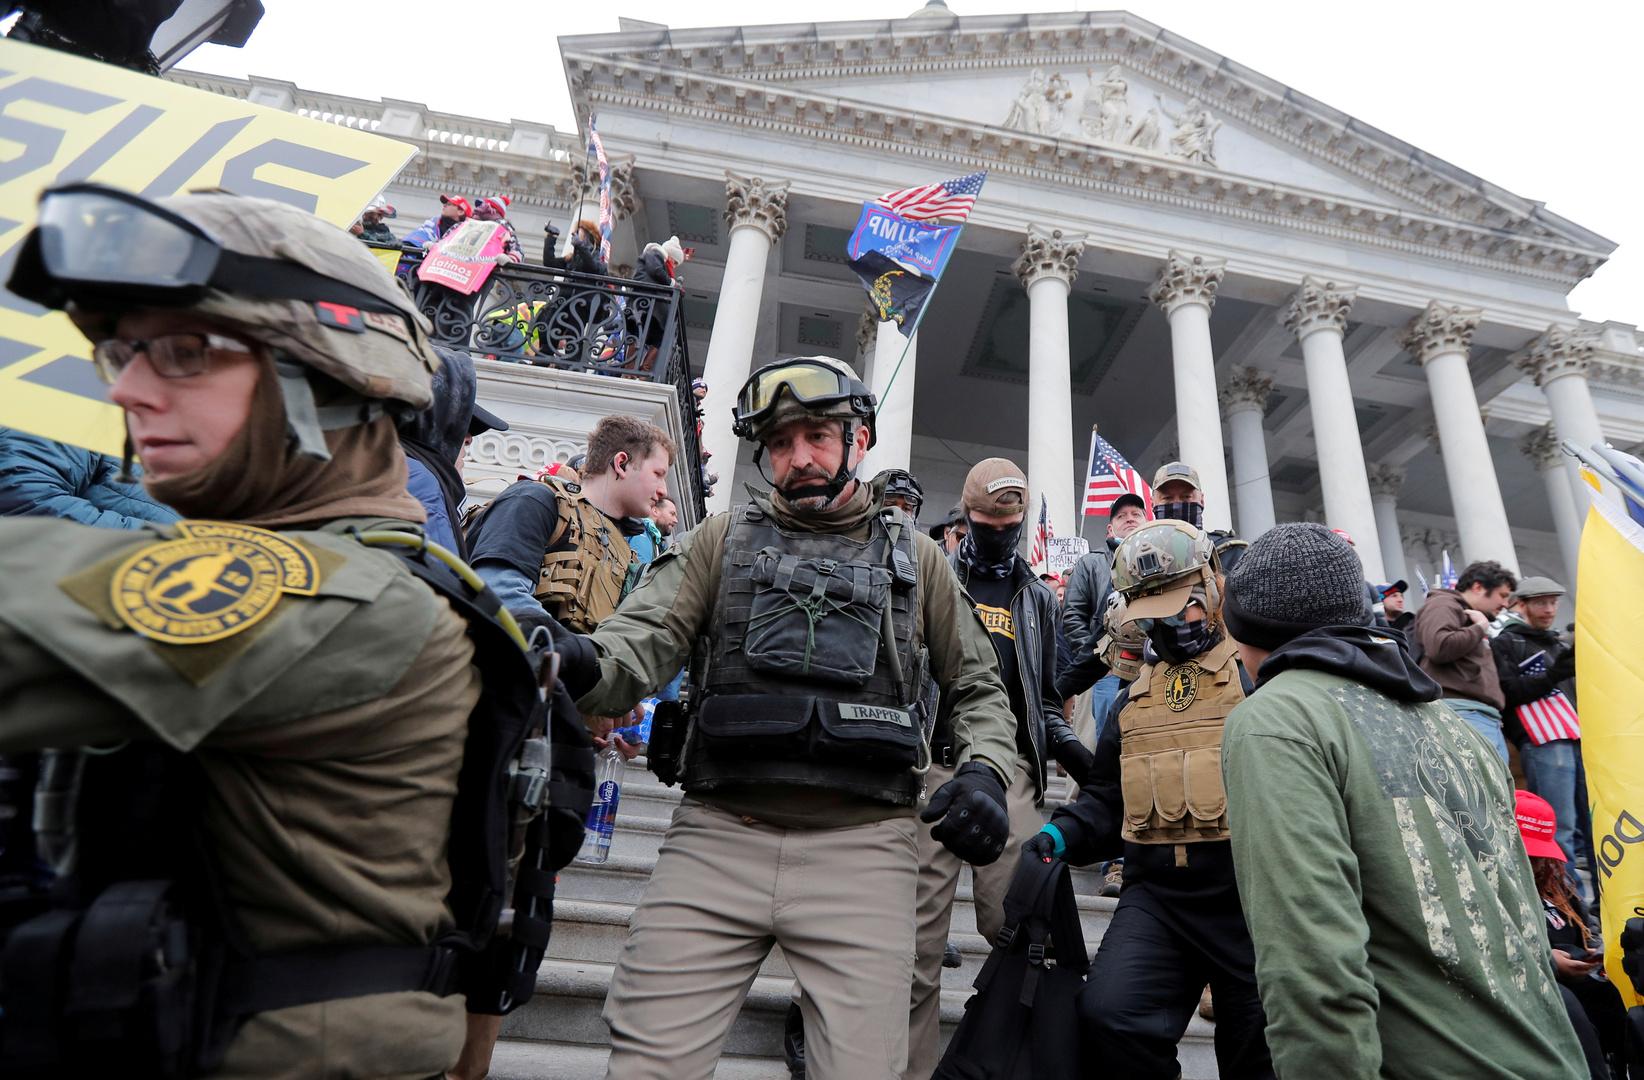 شرطة الكونغرس تحذر من خطط لتفجير مبنى الكابيتول خلال خطاب مرتقب لبايدن